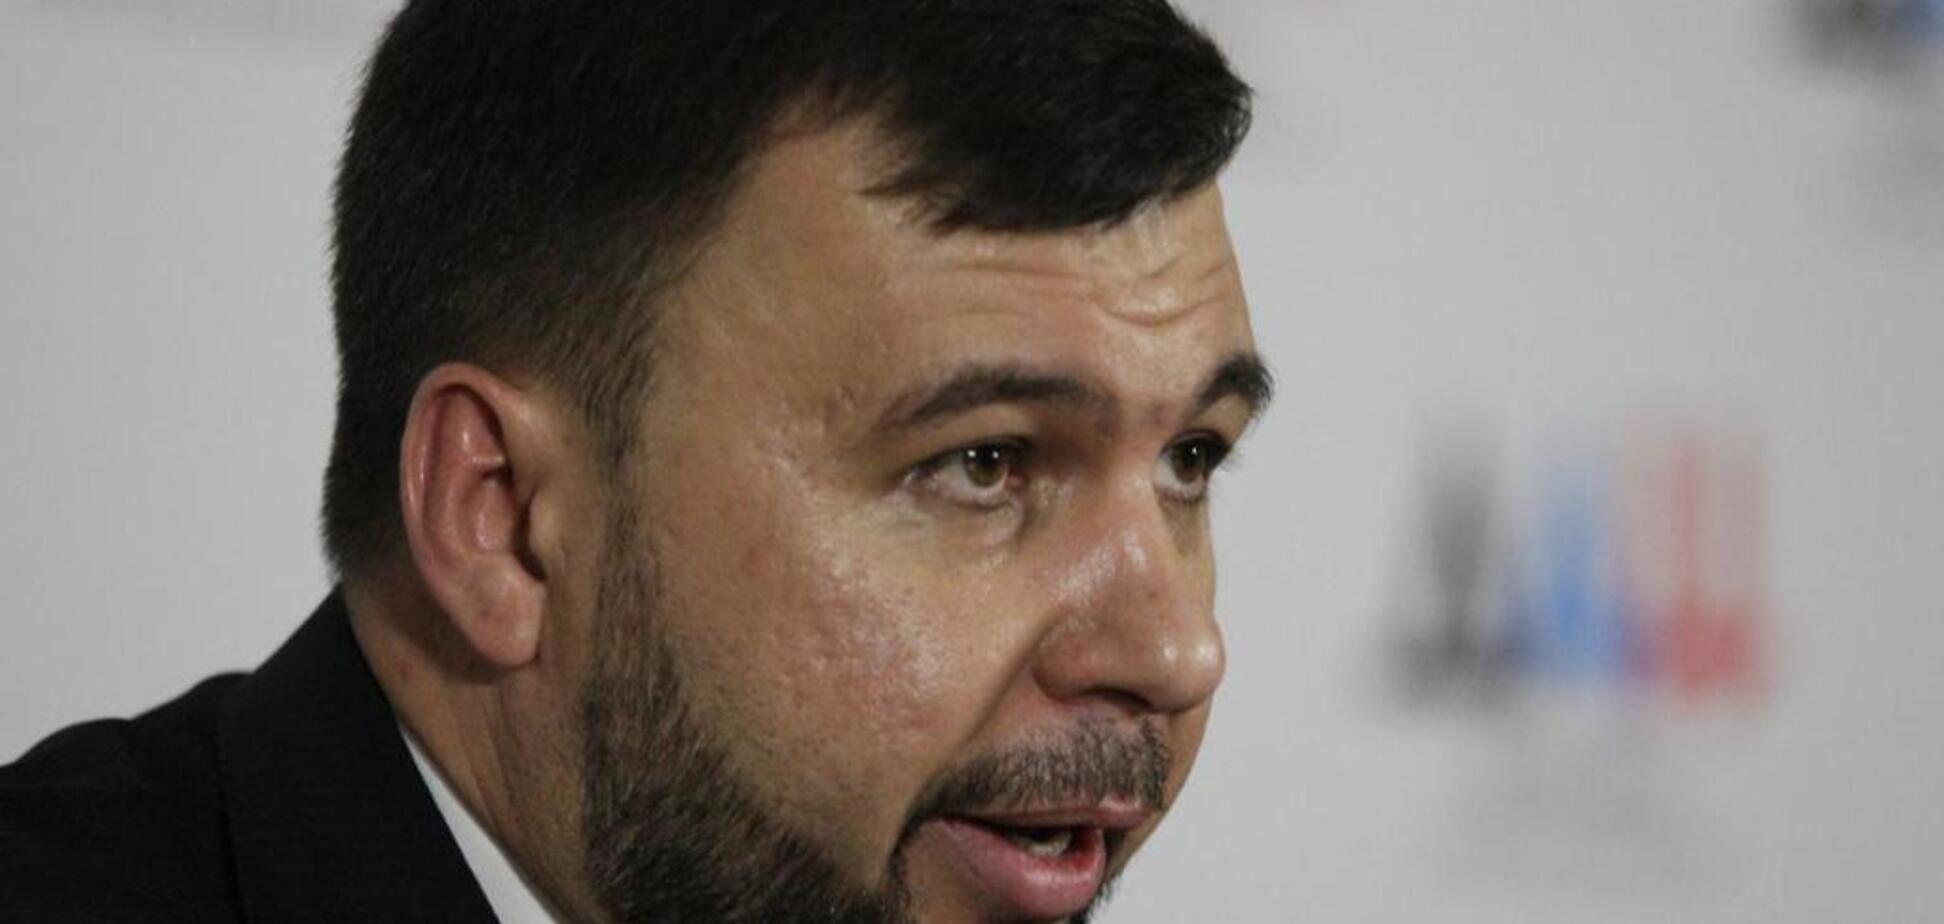 Интервью Пушилина: стало известно, за сколько продалась польская газета Кремлю